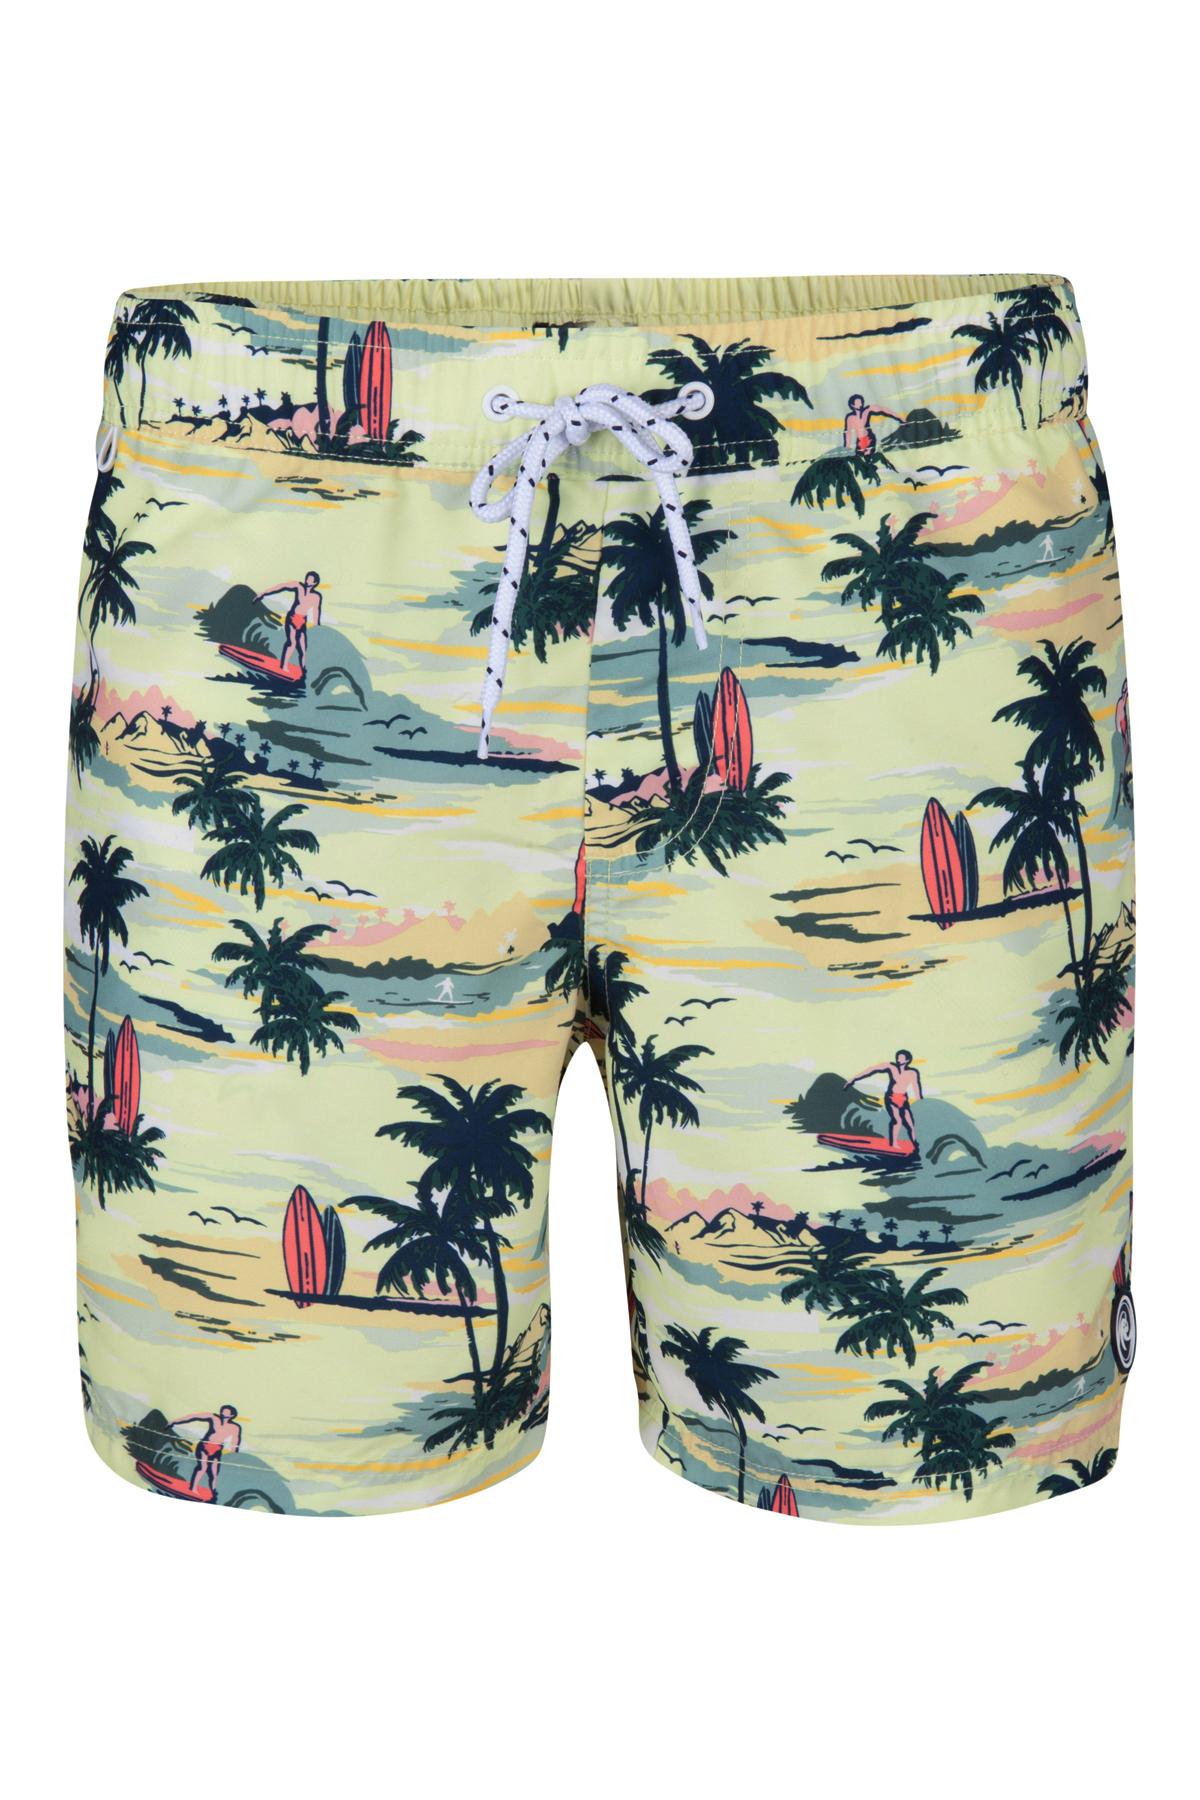 Surf Zwembroek Heren.Heren Surf Dessin Zwembroek 92882102 We Fashion